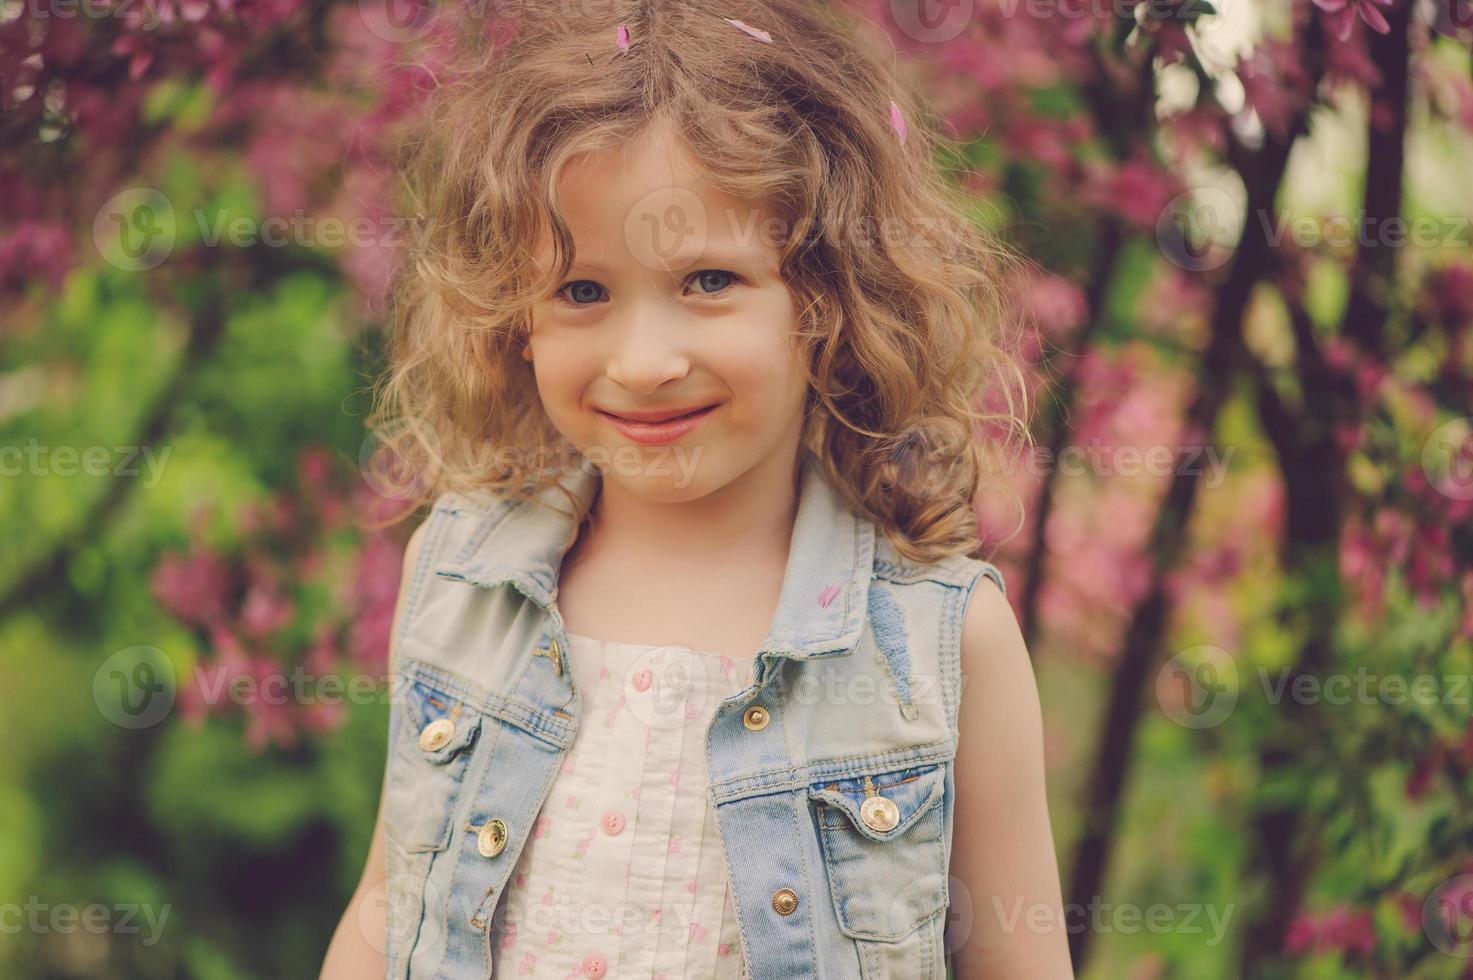 schattig kind meisje genieten van de lente in gezellige landtuin foto